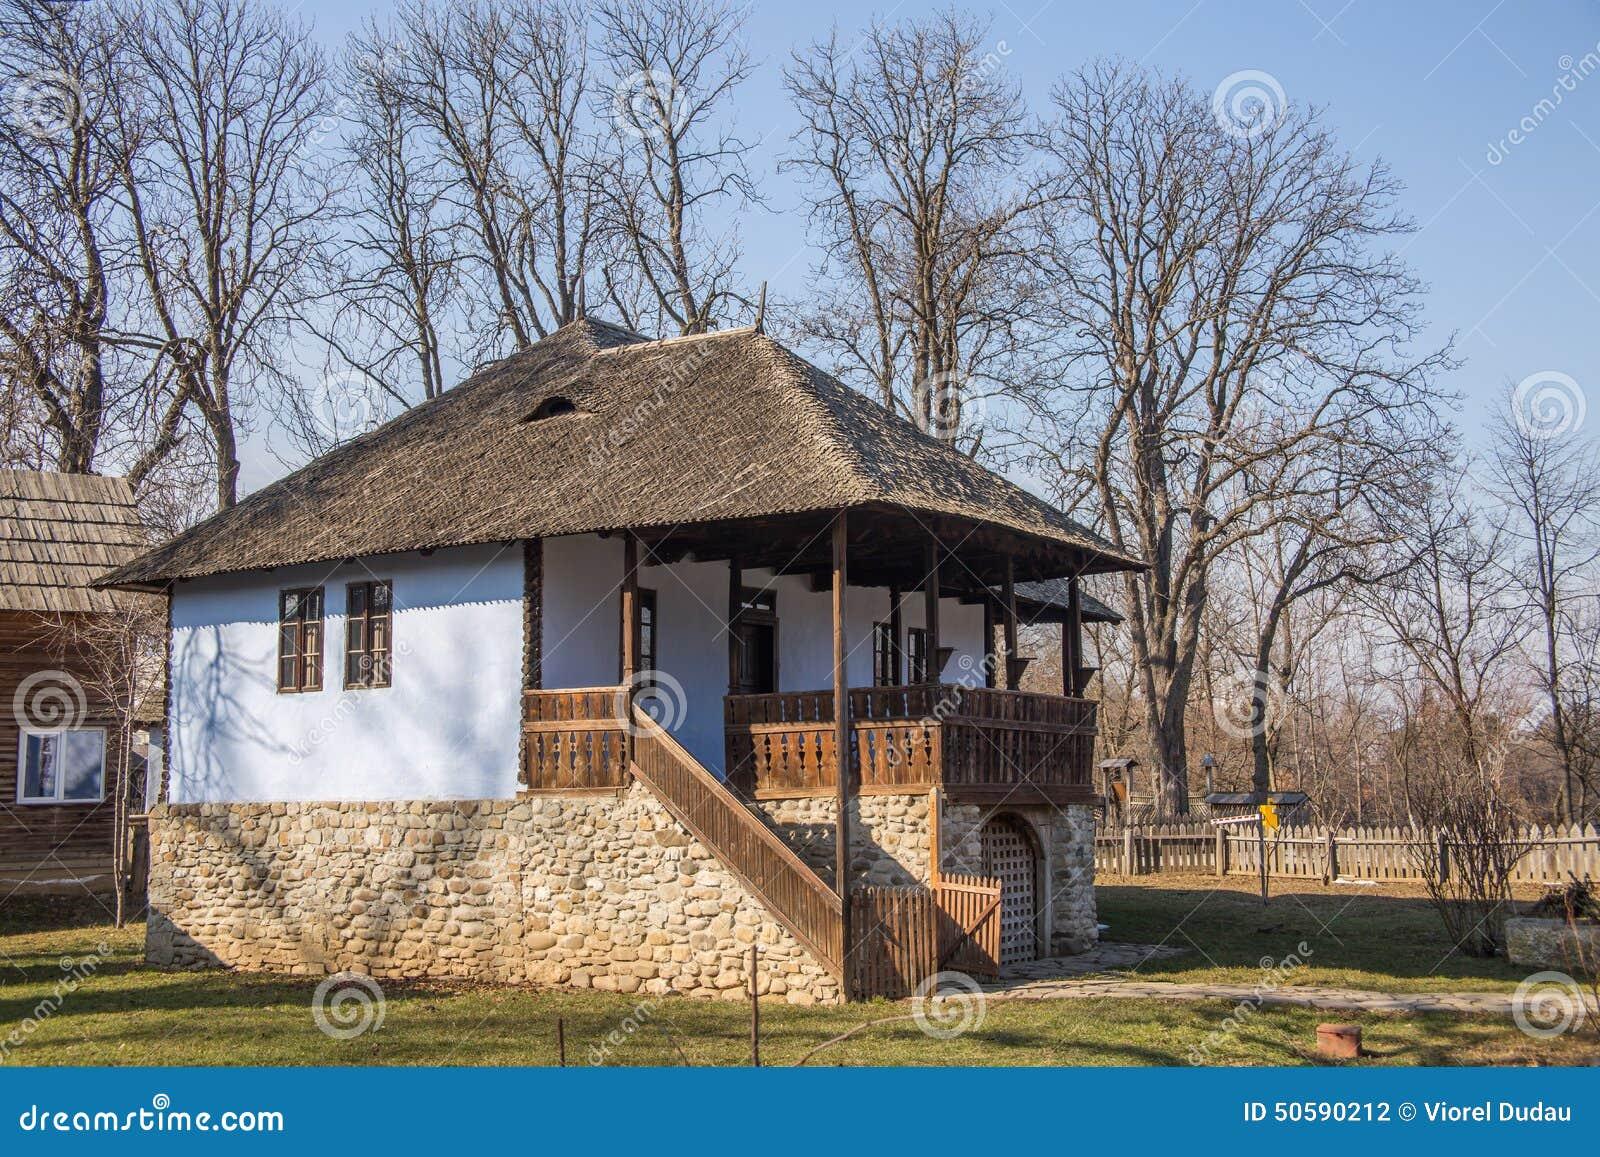 Maison traditionnelle de campagne dans la zone rurale for Extension maison zone rurale